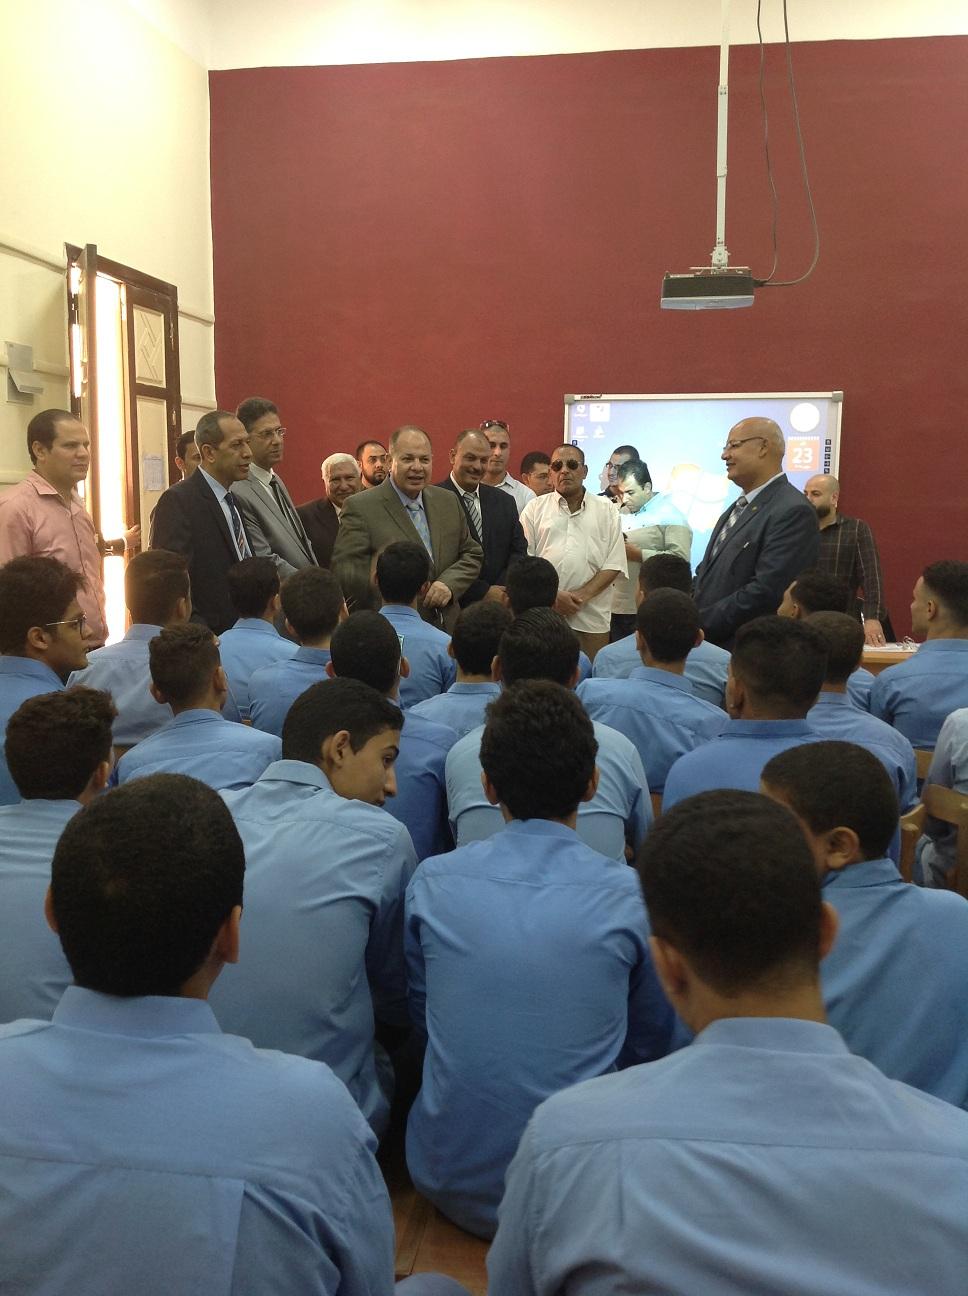 محافظ الفيوم والقيادات التعليمية يتفقدون المدارس (10)